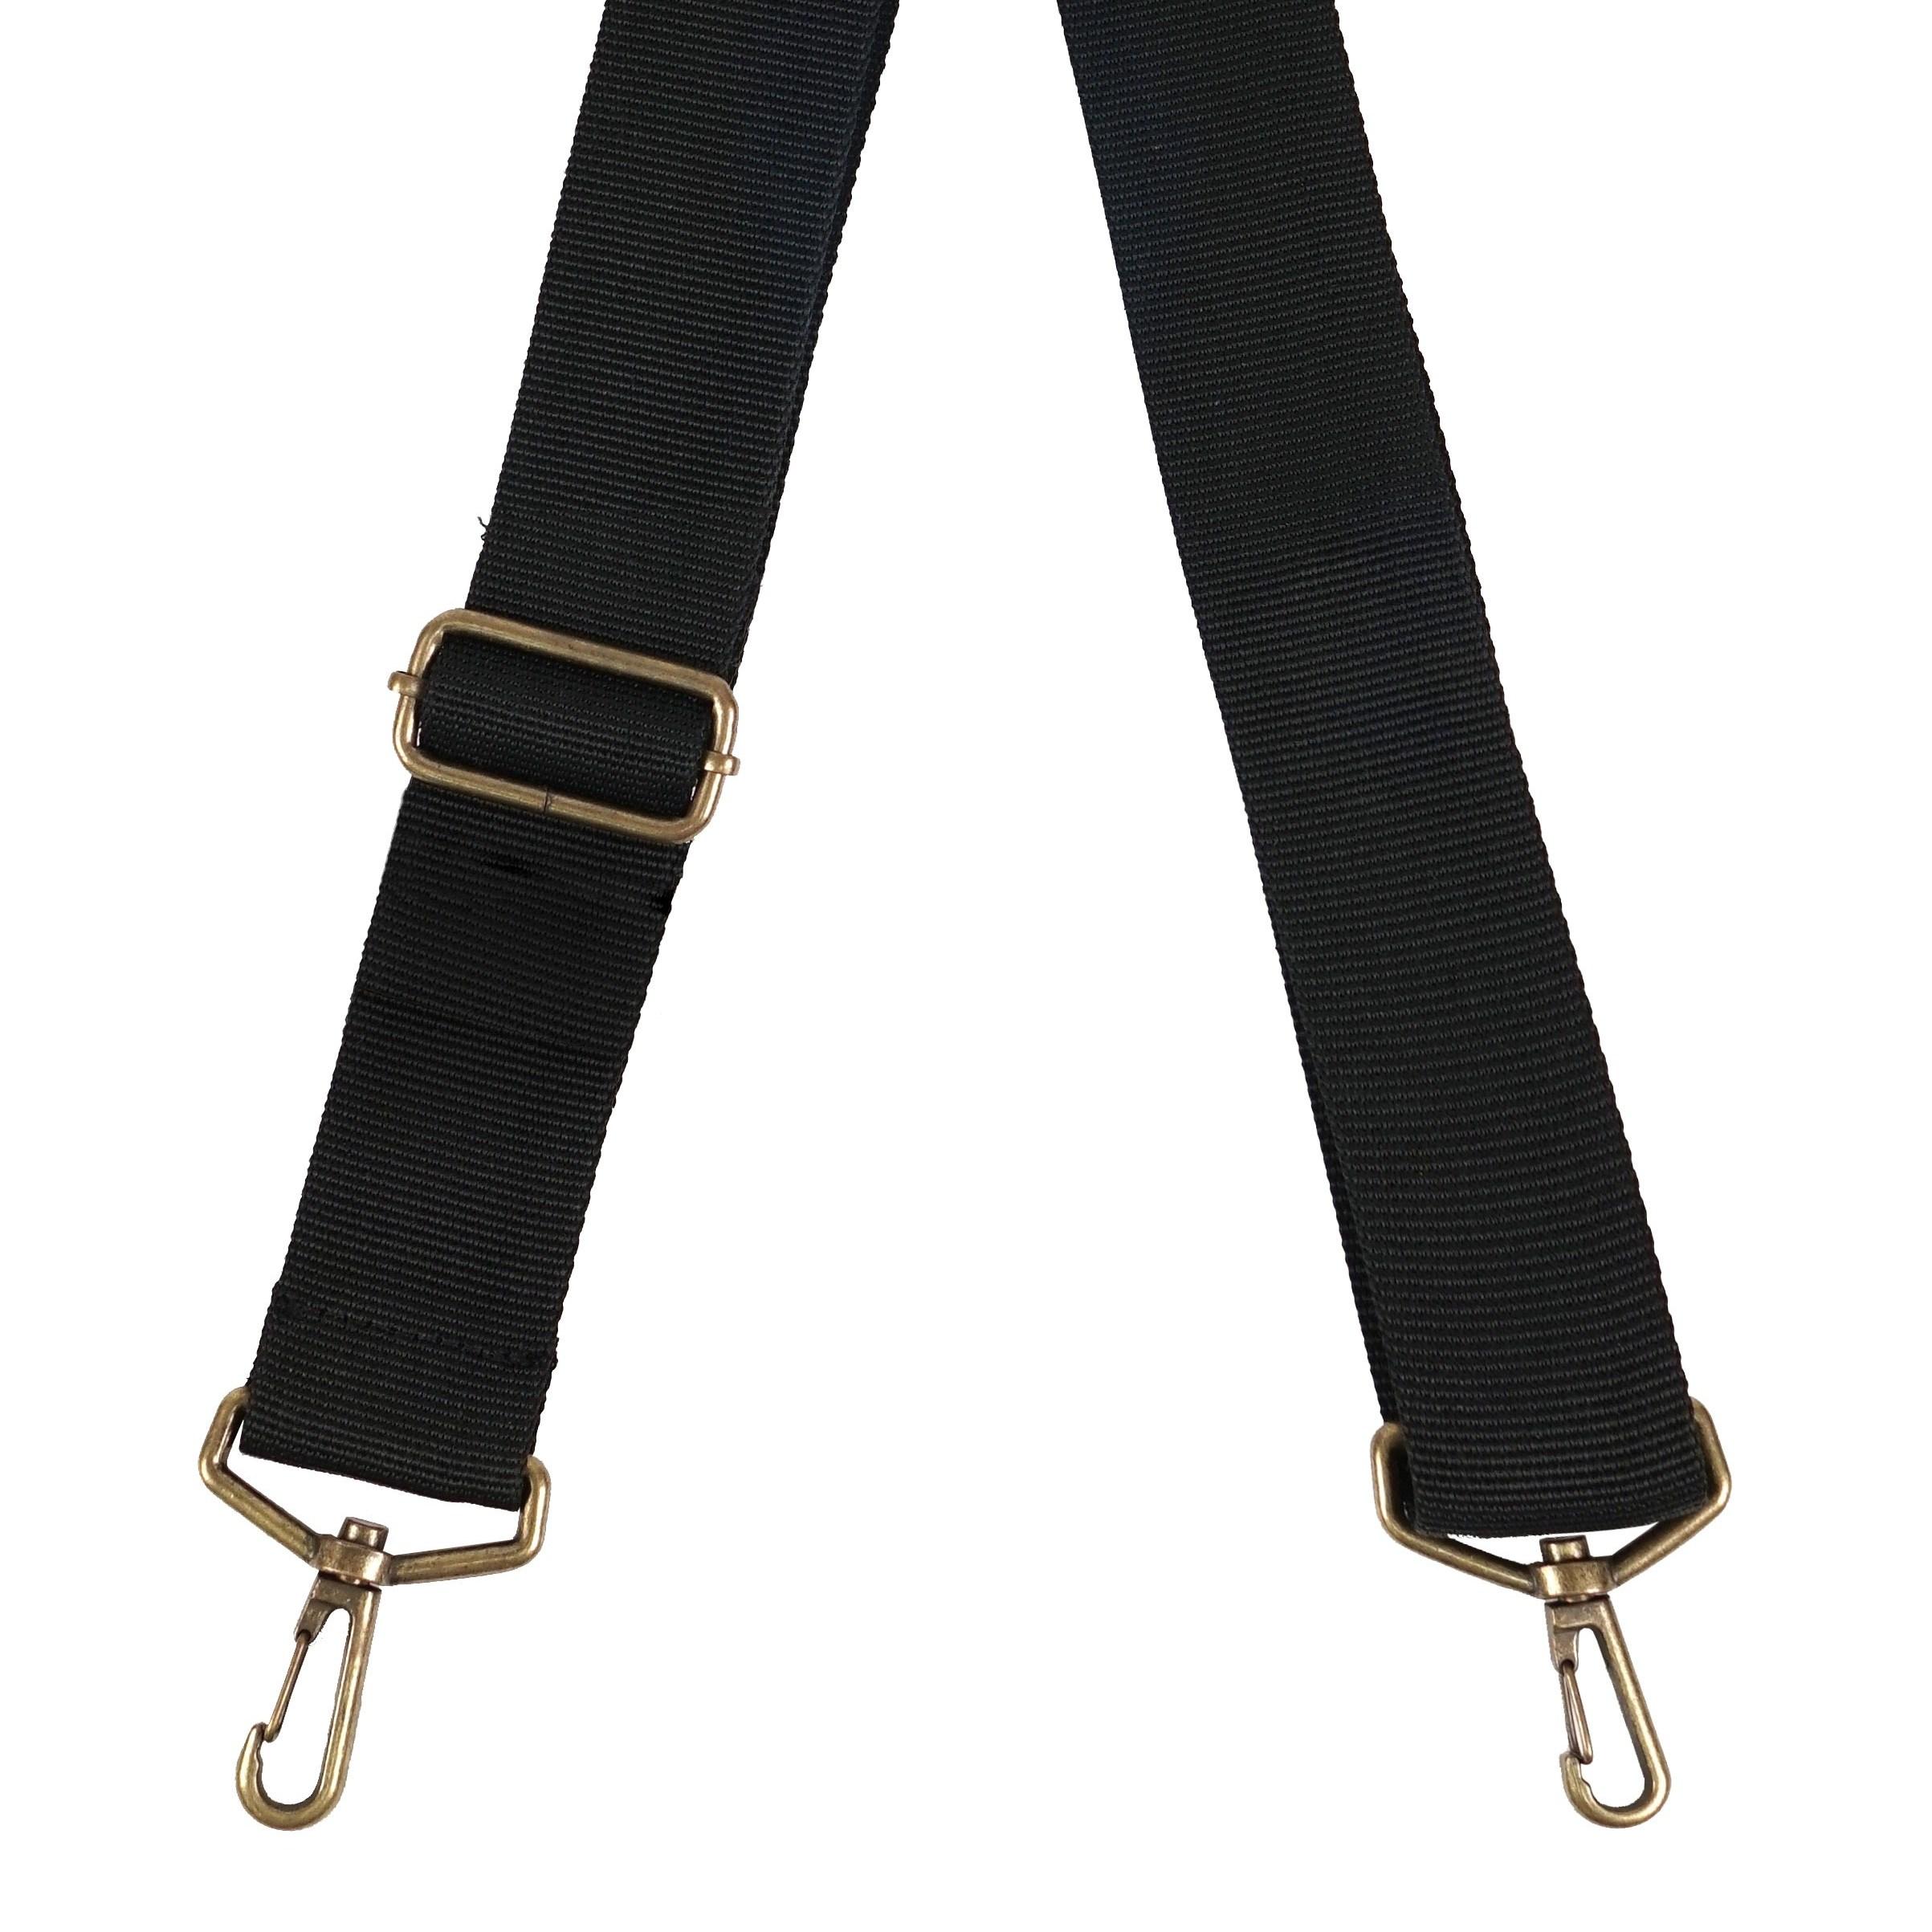 레드코코아 가방끈 웨빙끈 가죽 스트랩 어깨끈 크로스백 숄더백 부속품 | 당일 발송 국내 생산